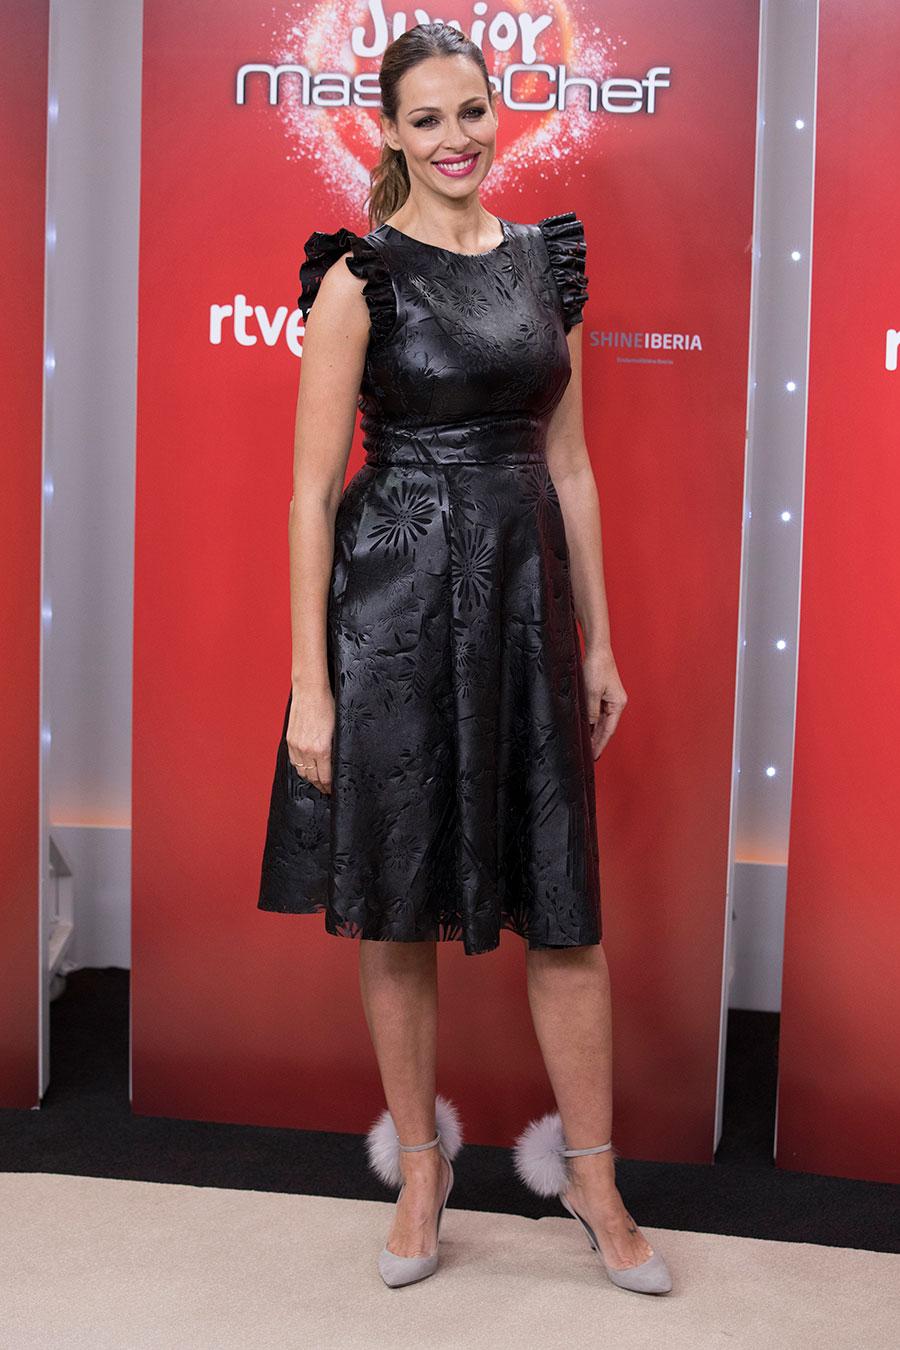 be3d223441 Eva-Gonzalez-Master-Chef. Eva González tiene el vestido más versátil de